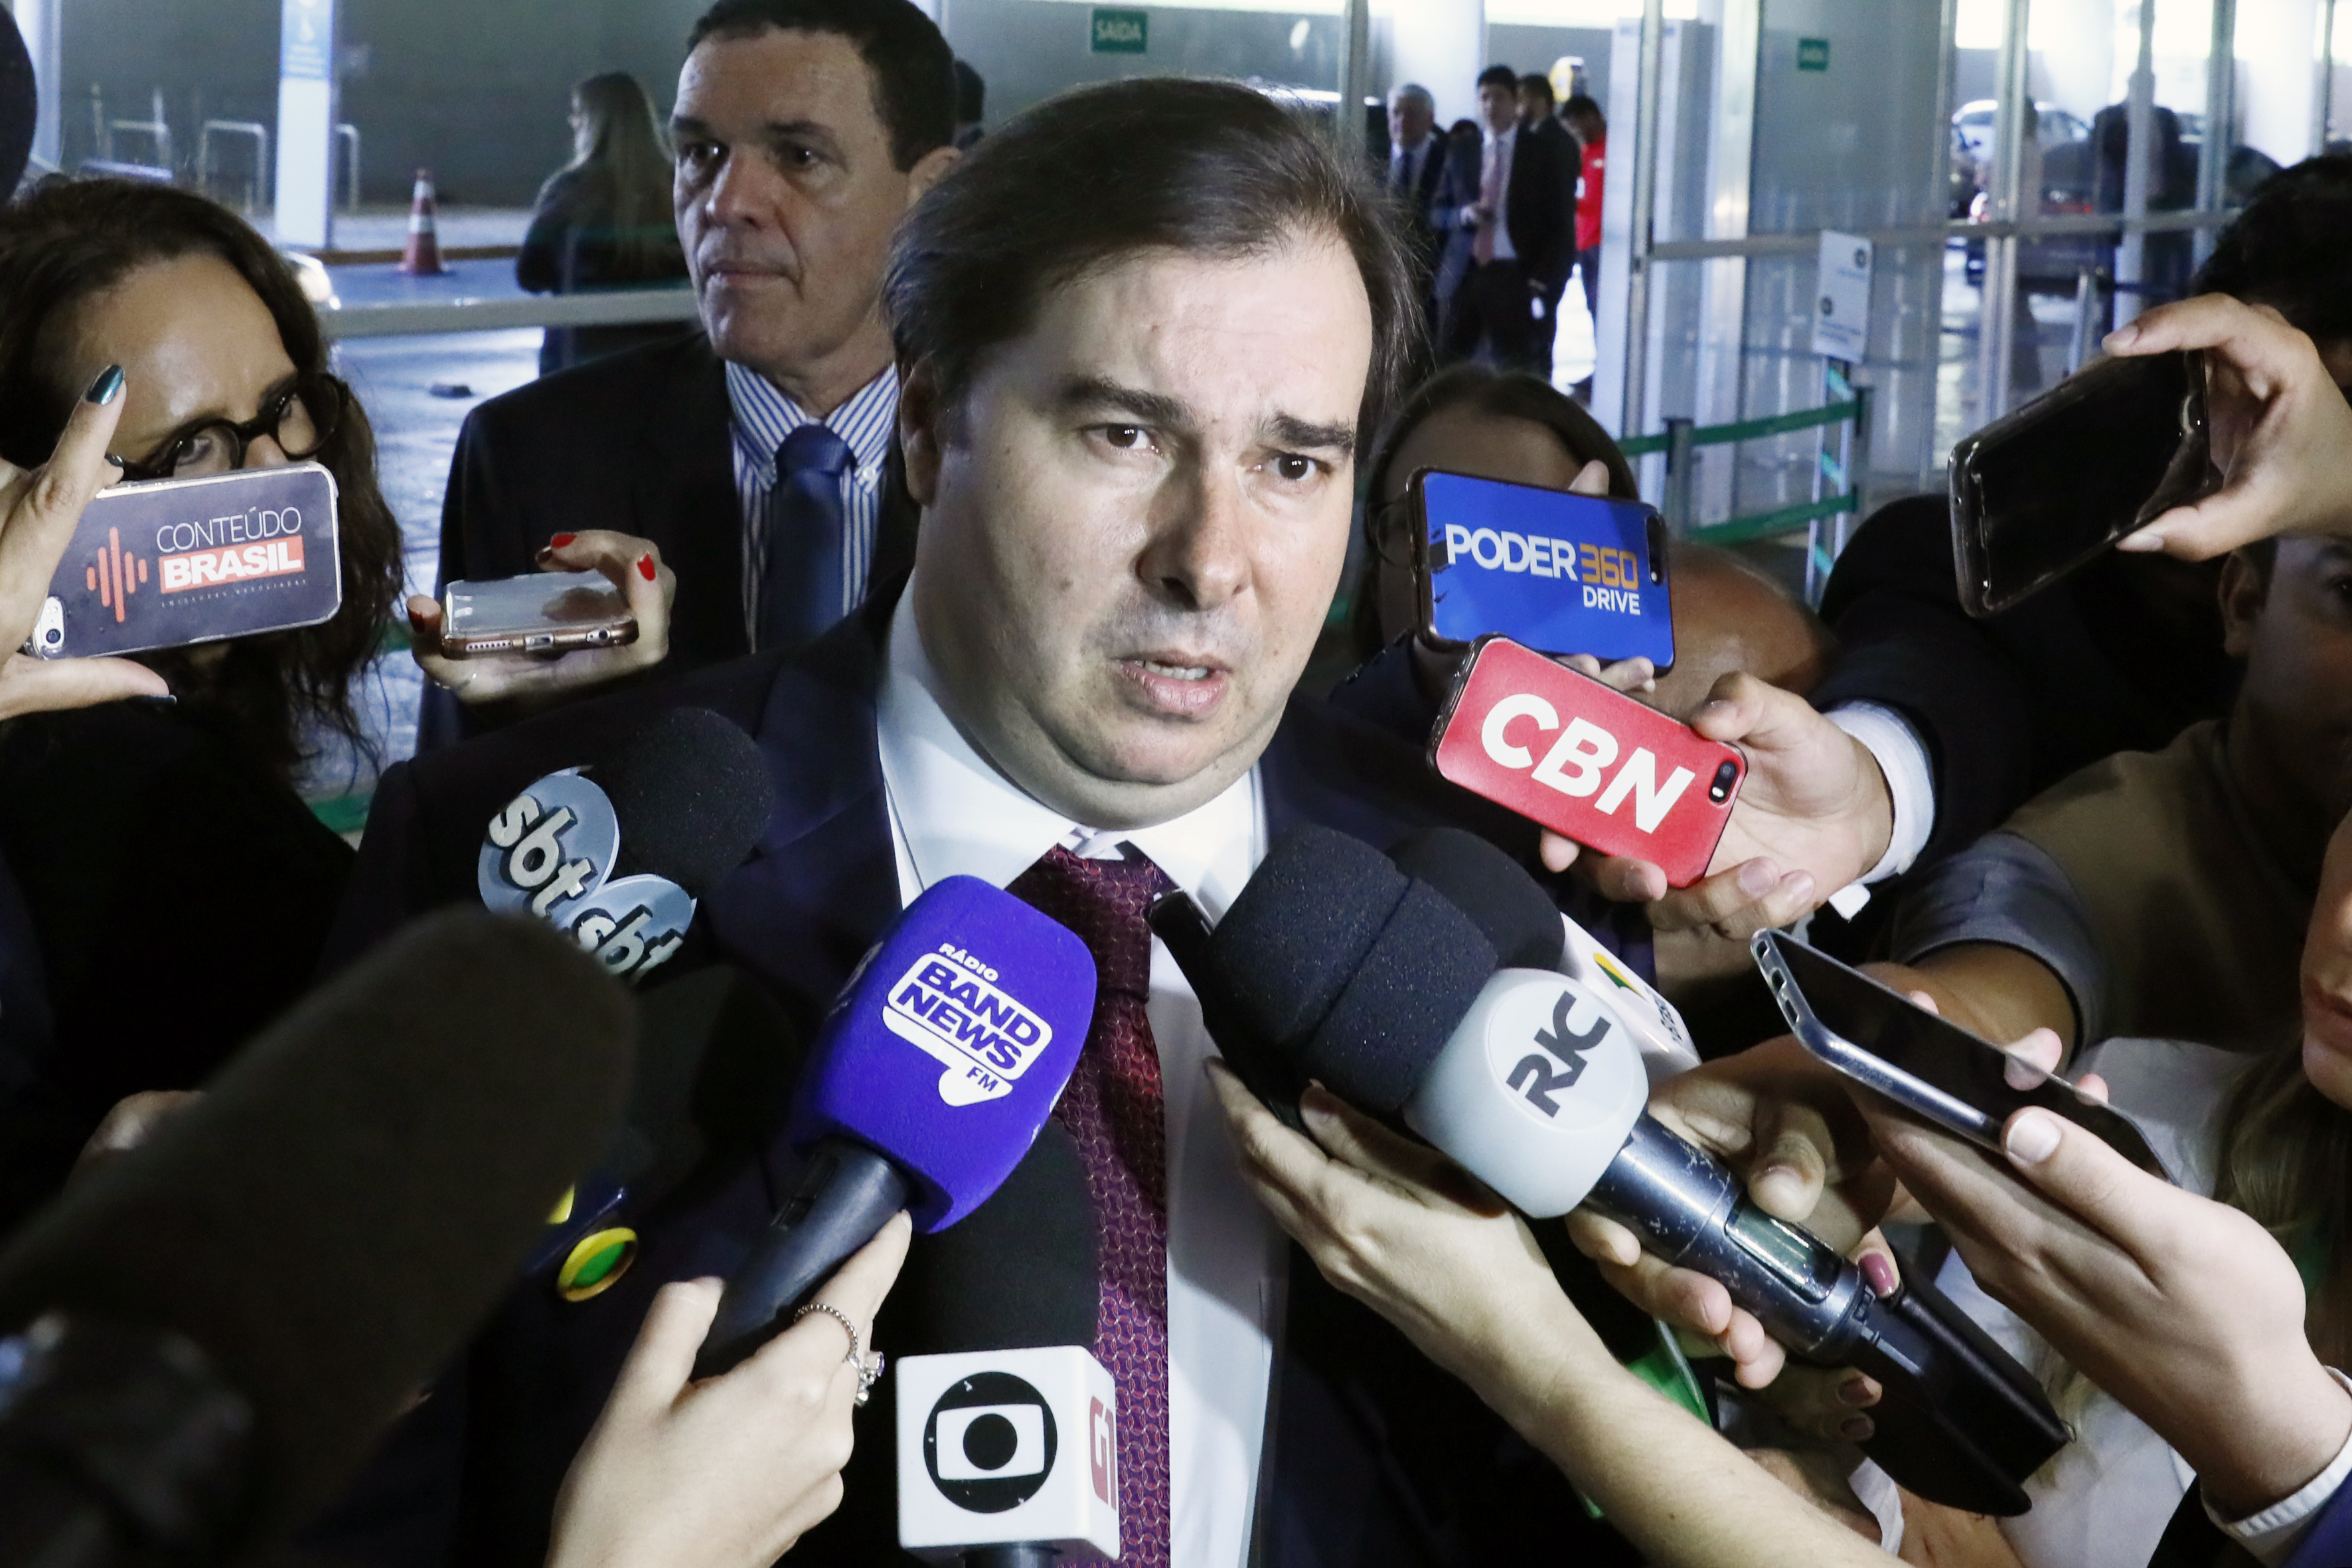 Presidente da Câmara, dep. Rodrigo Maia (DEM-RJ), concede entrevista